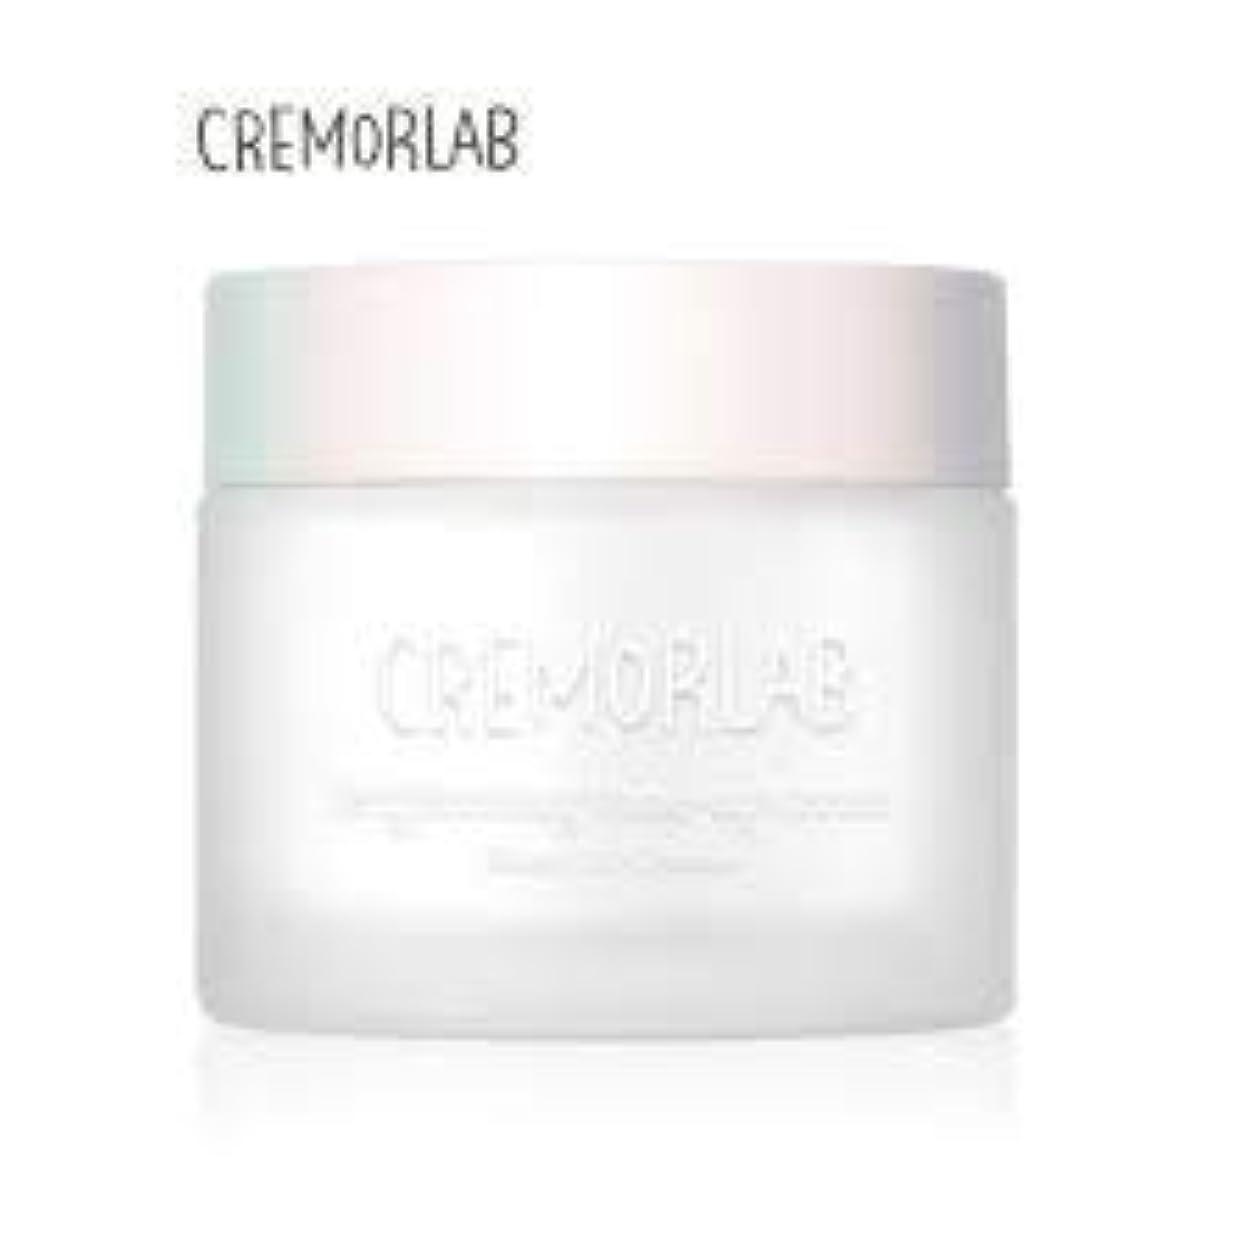 神の保険結果CREMORLAB ブランドクレマーブライトニングクリーム50ml - 肌のトーンを洗練させ、透明度を高め、肌の色を明るくします。